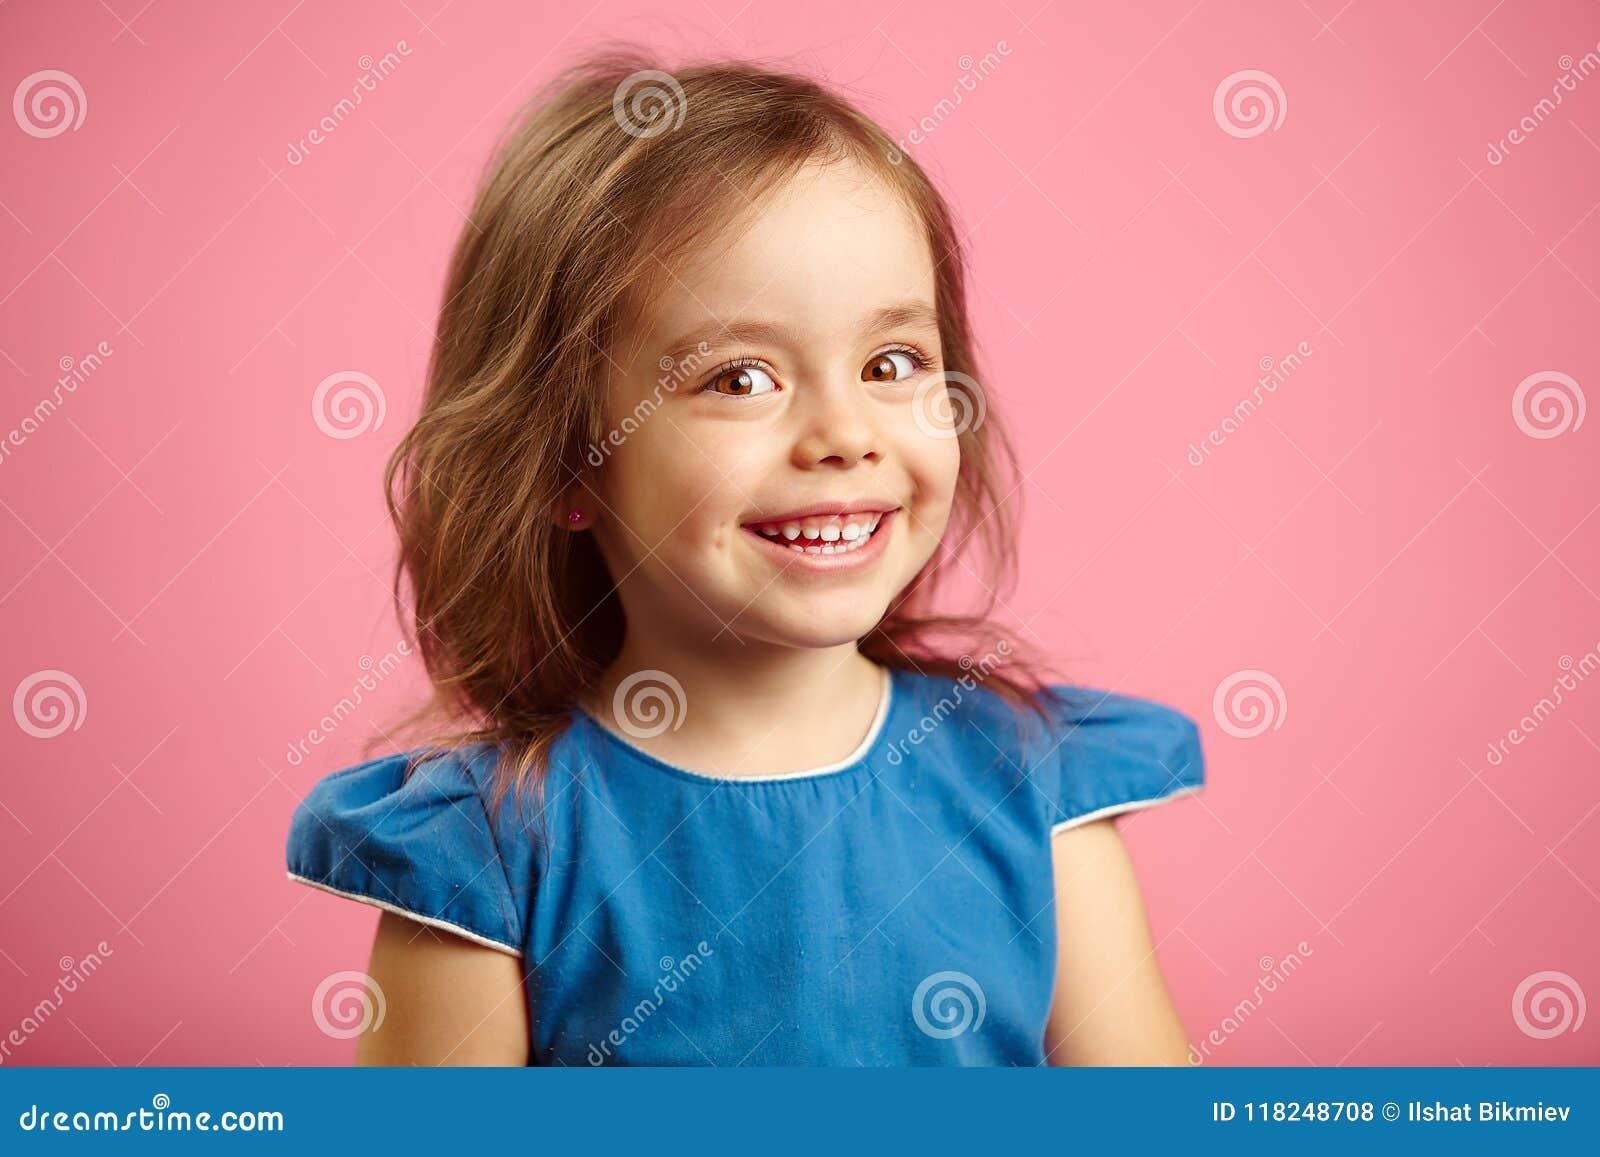 Het mooie verraste kindmeisje met leuke glimlach en oprecht kijkt, is in een goede stemming, drukt dichte vreugde en geluk uit,